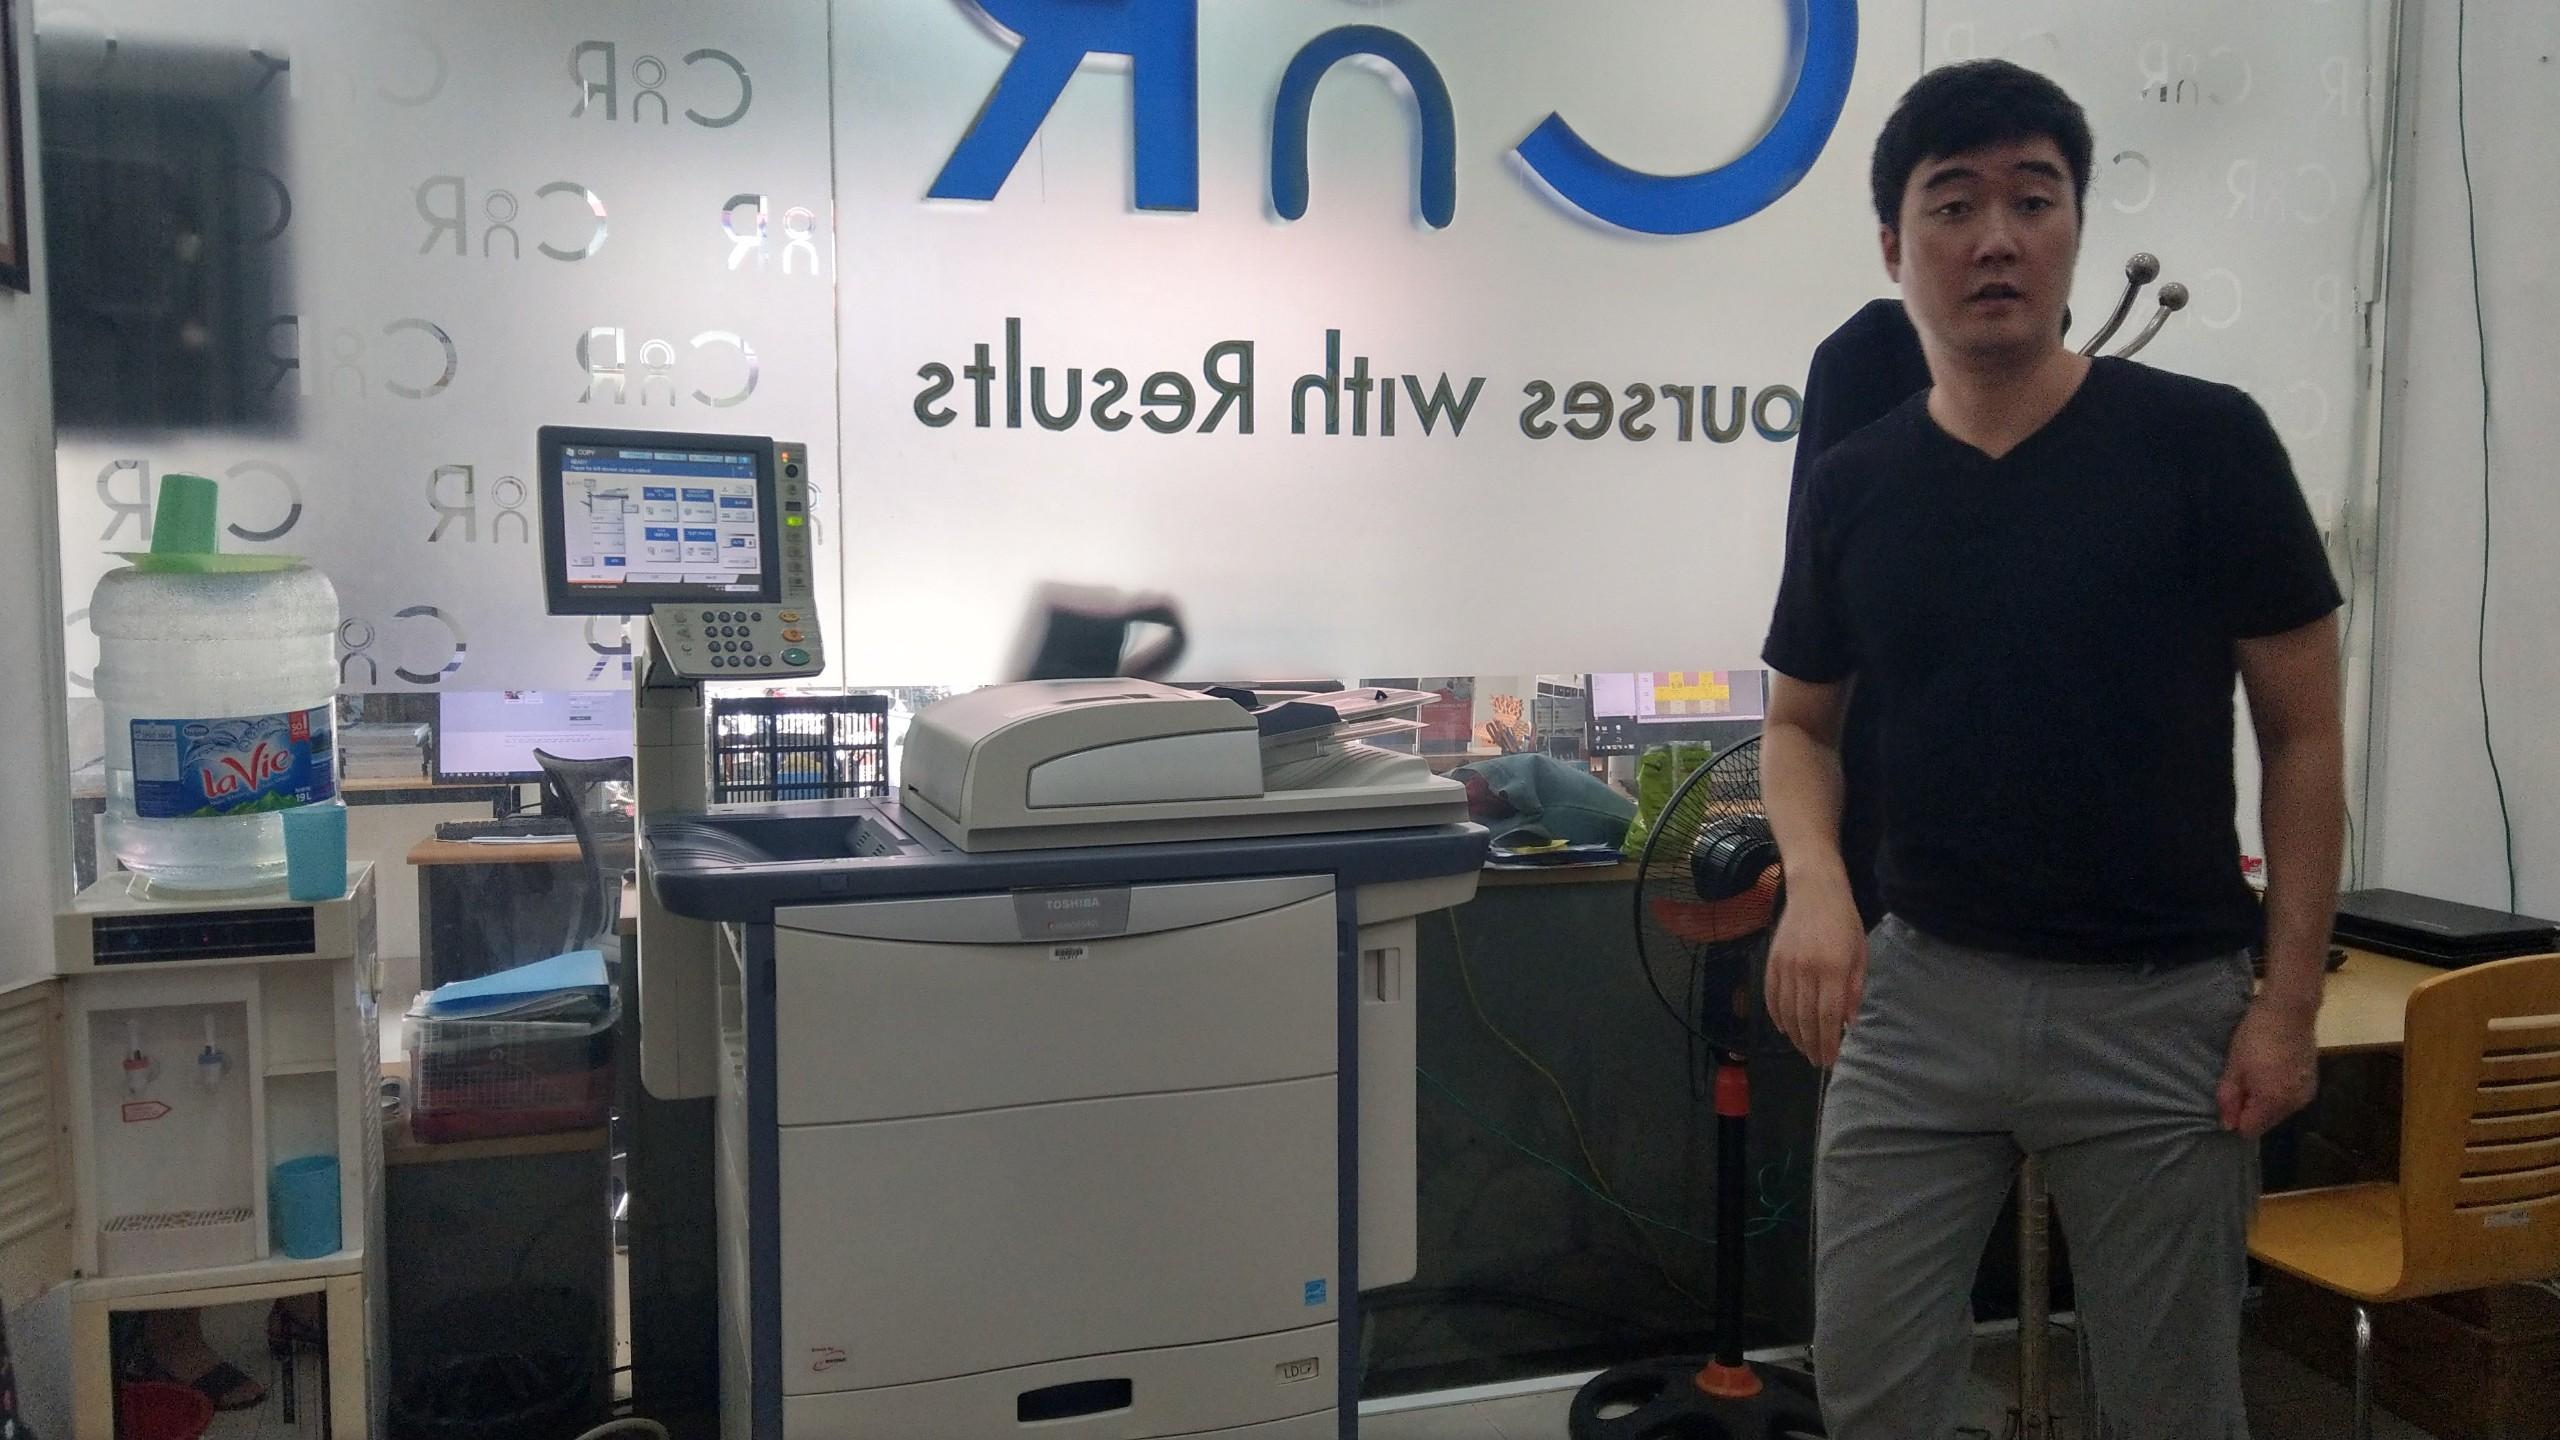 Trung tâm đào tạo ngoại ngữ Hàn Quốc thuê máy photocopy rất ưng ý